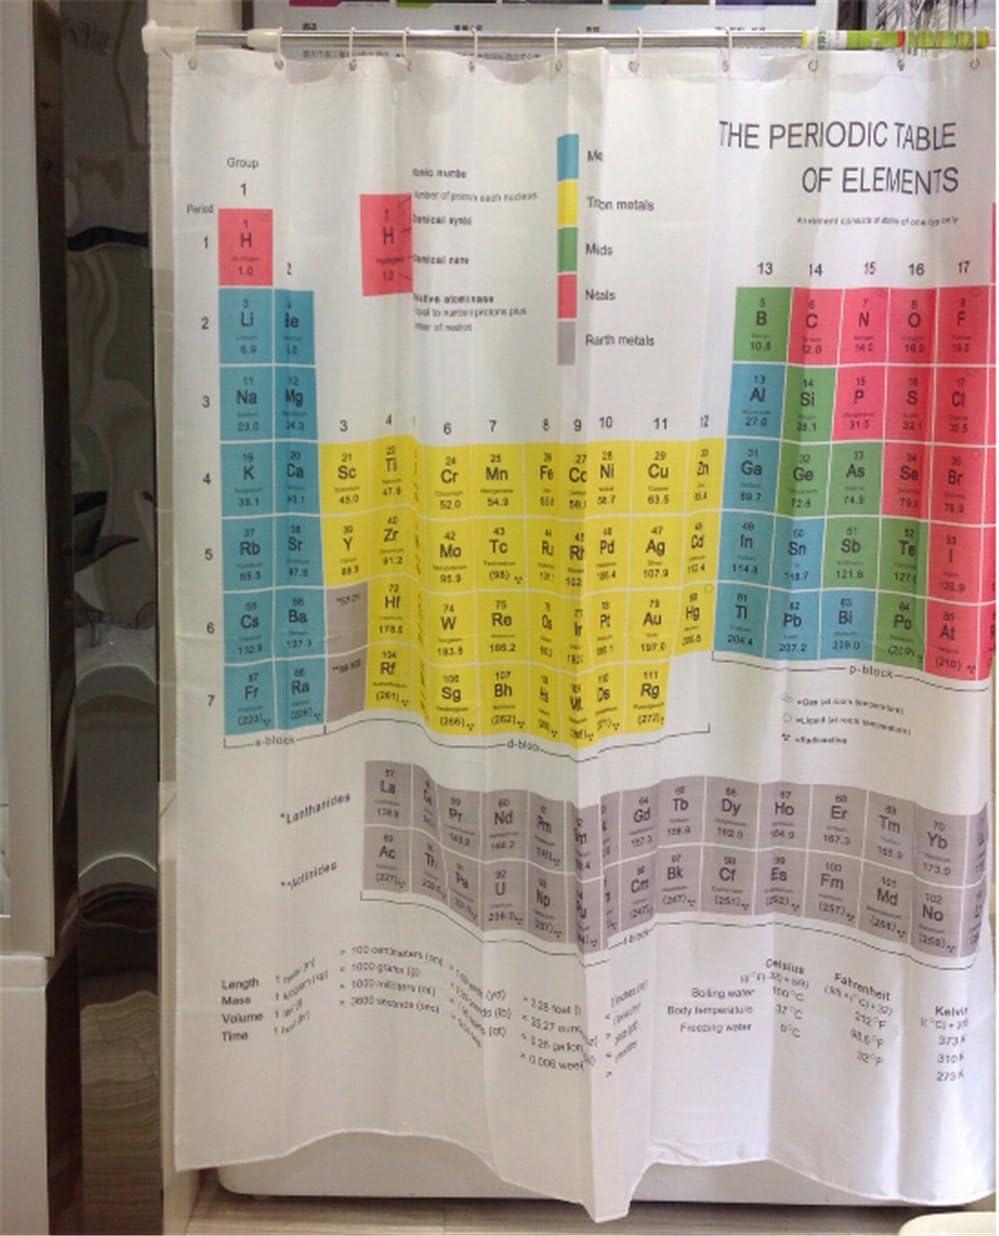 180 cm tissu rideau de douche Liner tableau périodique des éléments bain rideaux